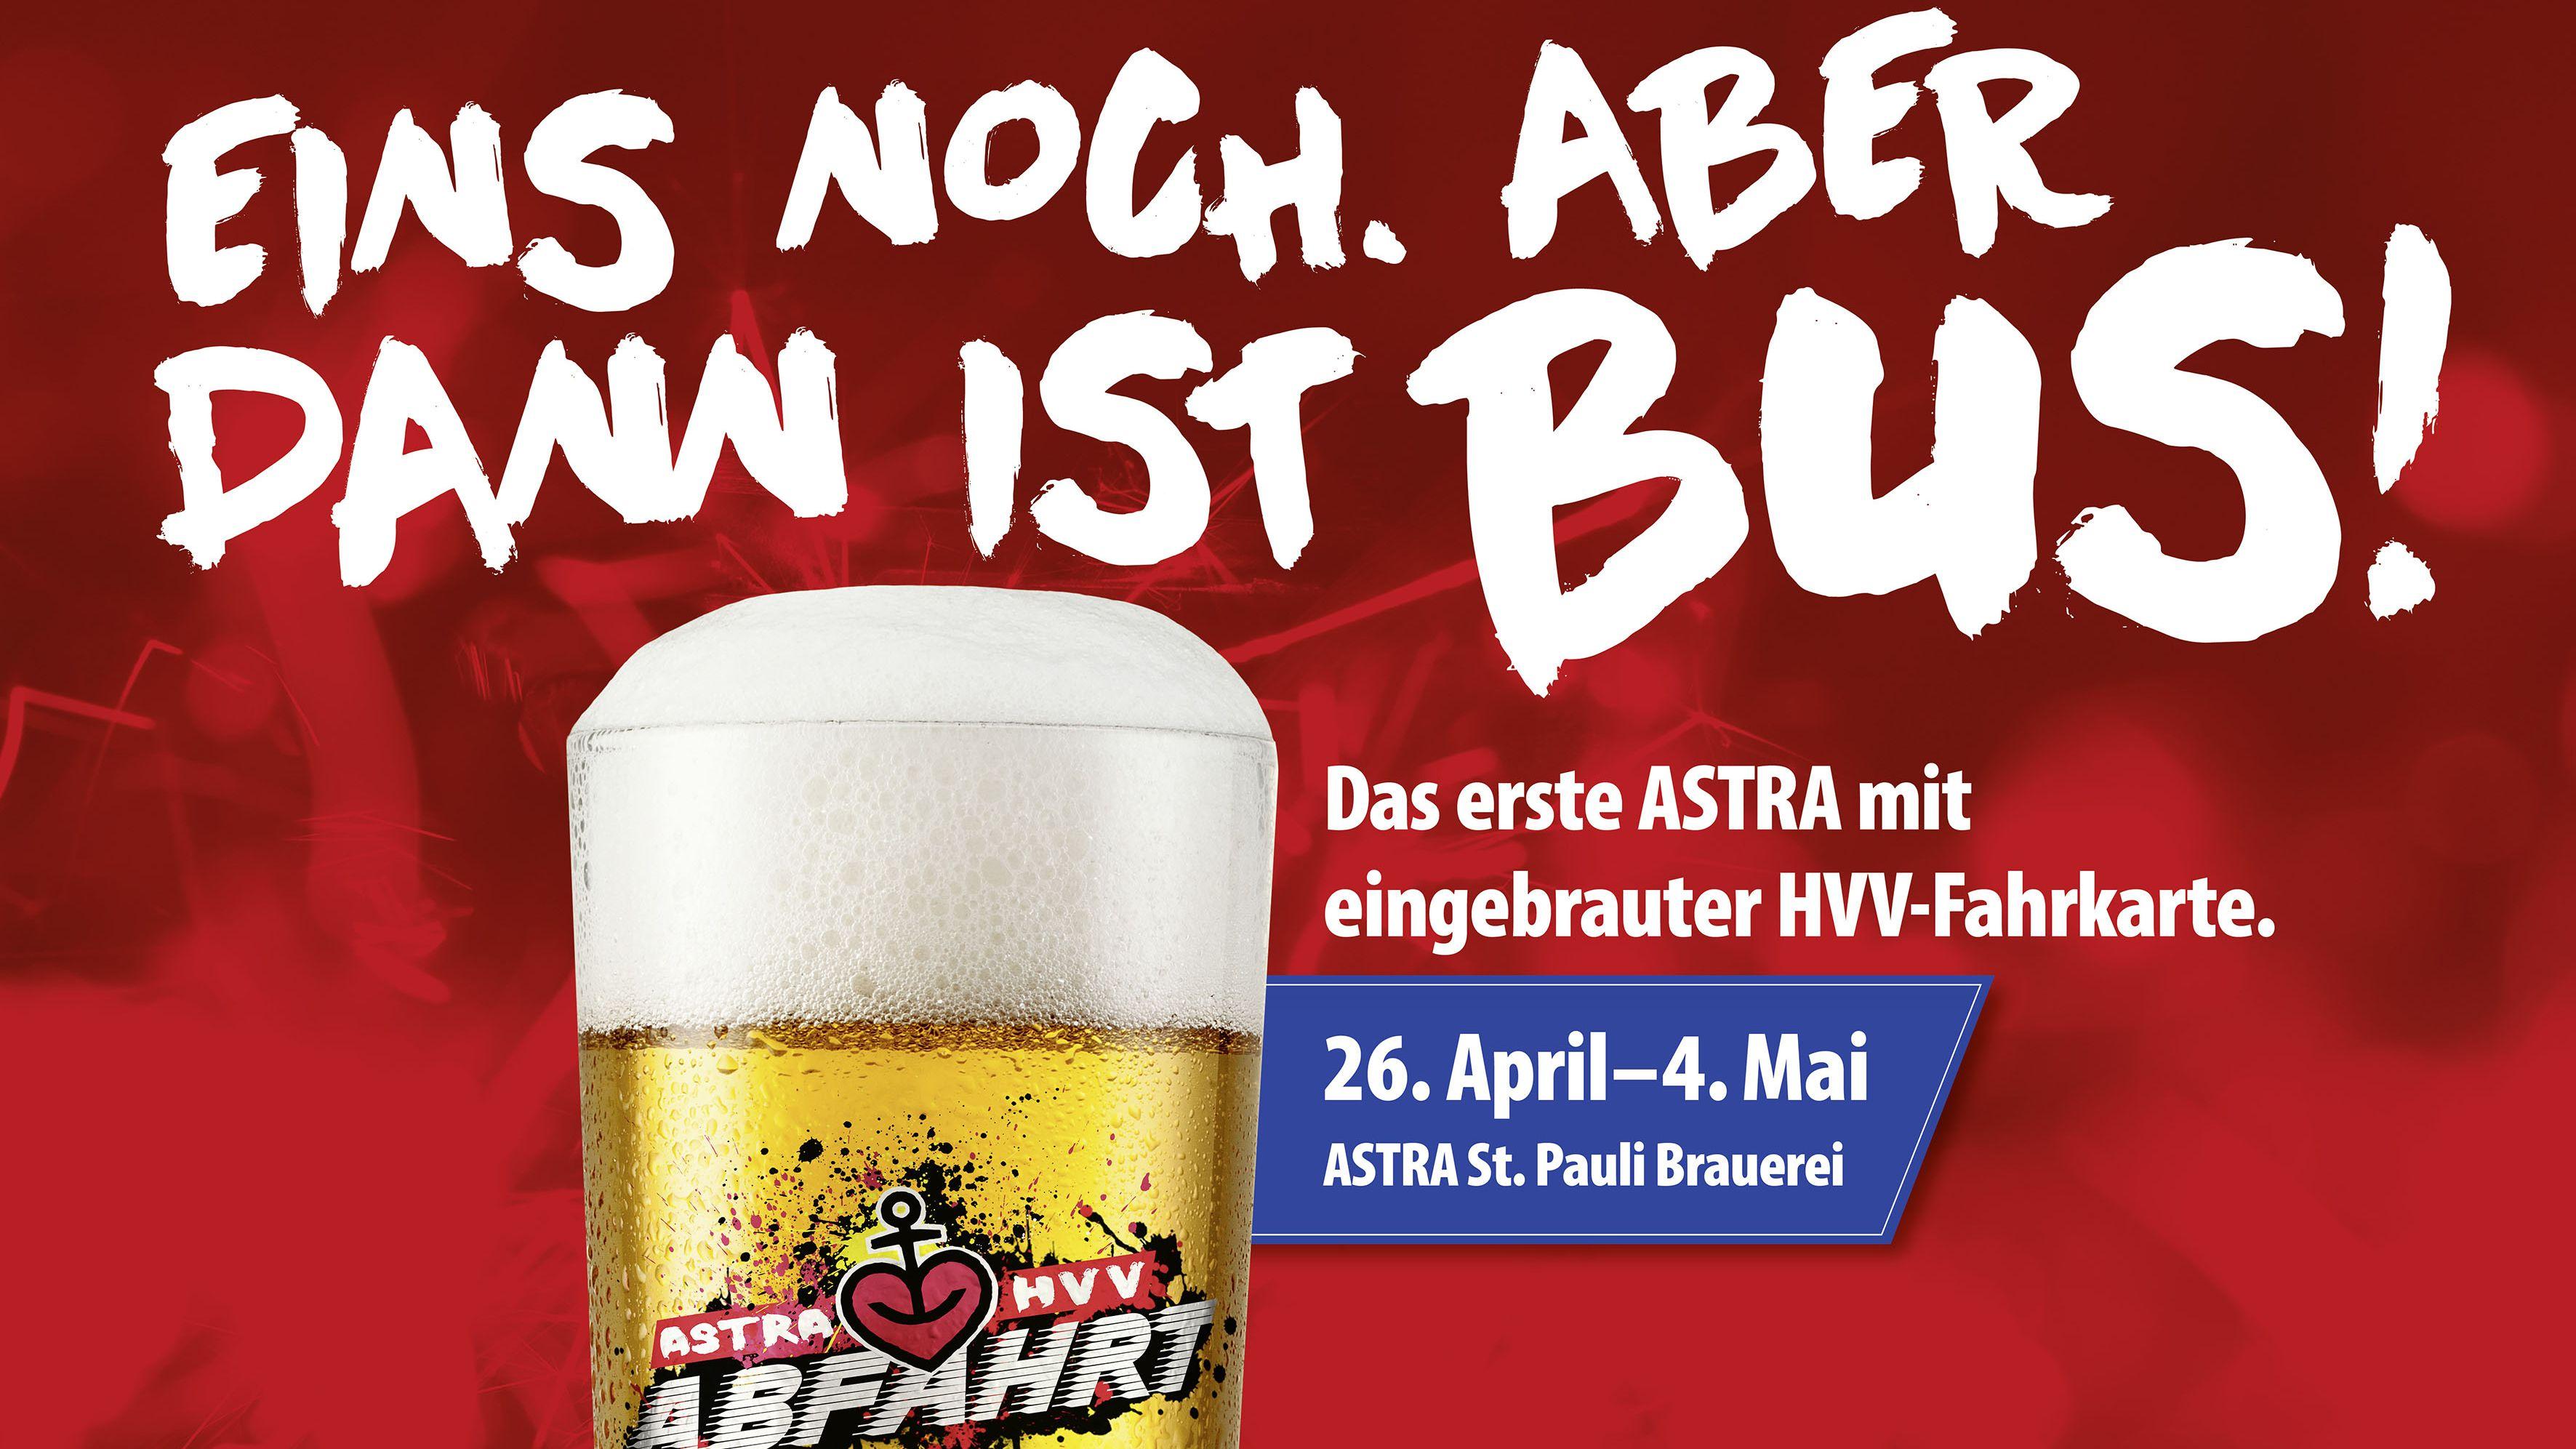 Eins noch. Aber dann ist Bus!: Wie die HVV und Astra ein bisschen BVG-Magie nach Hamburg holen